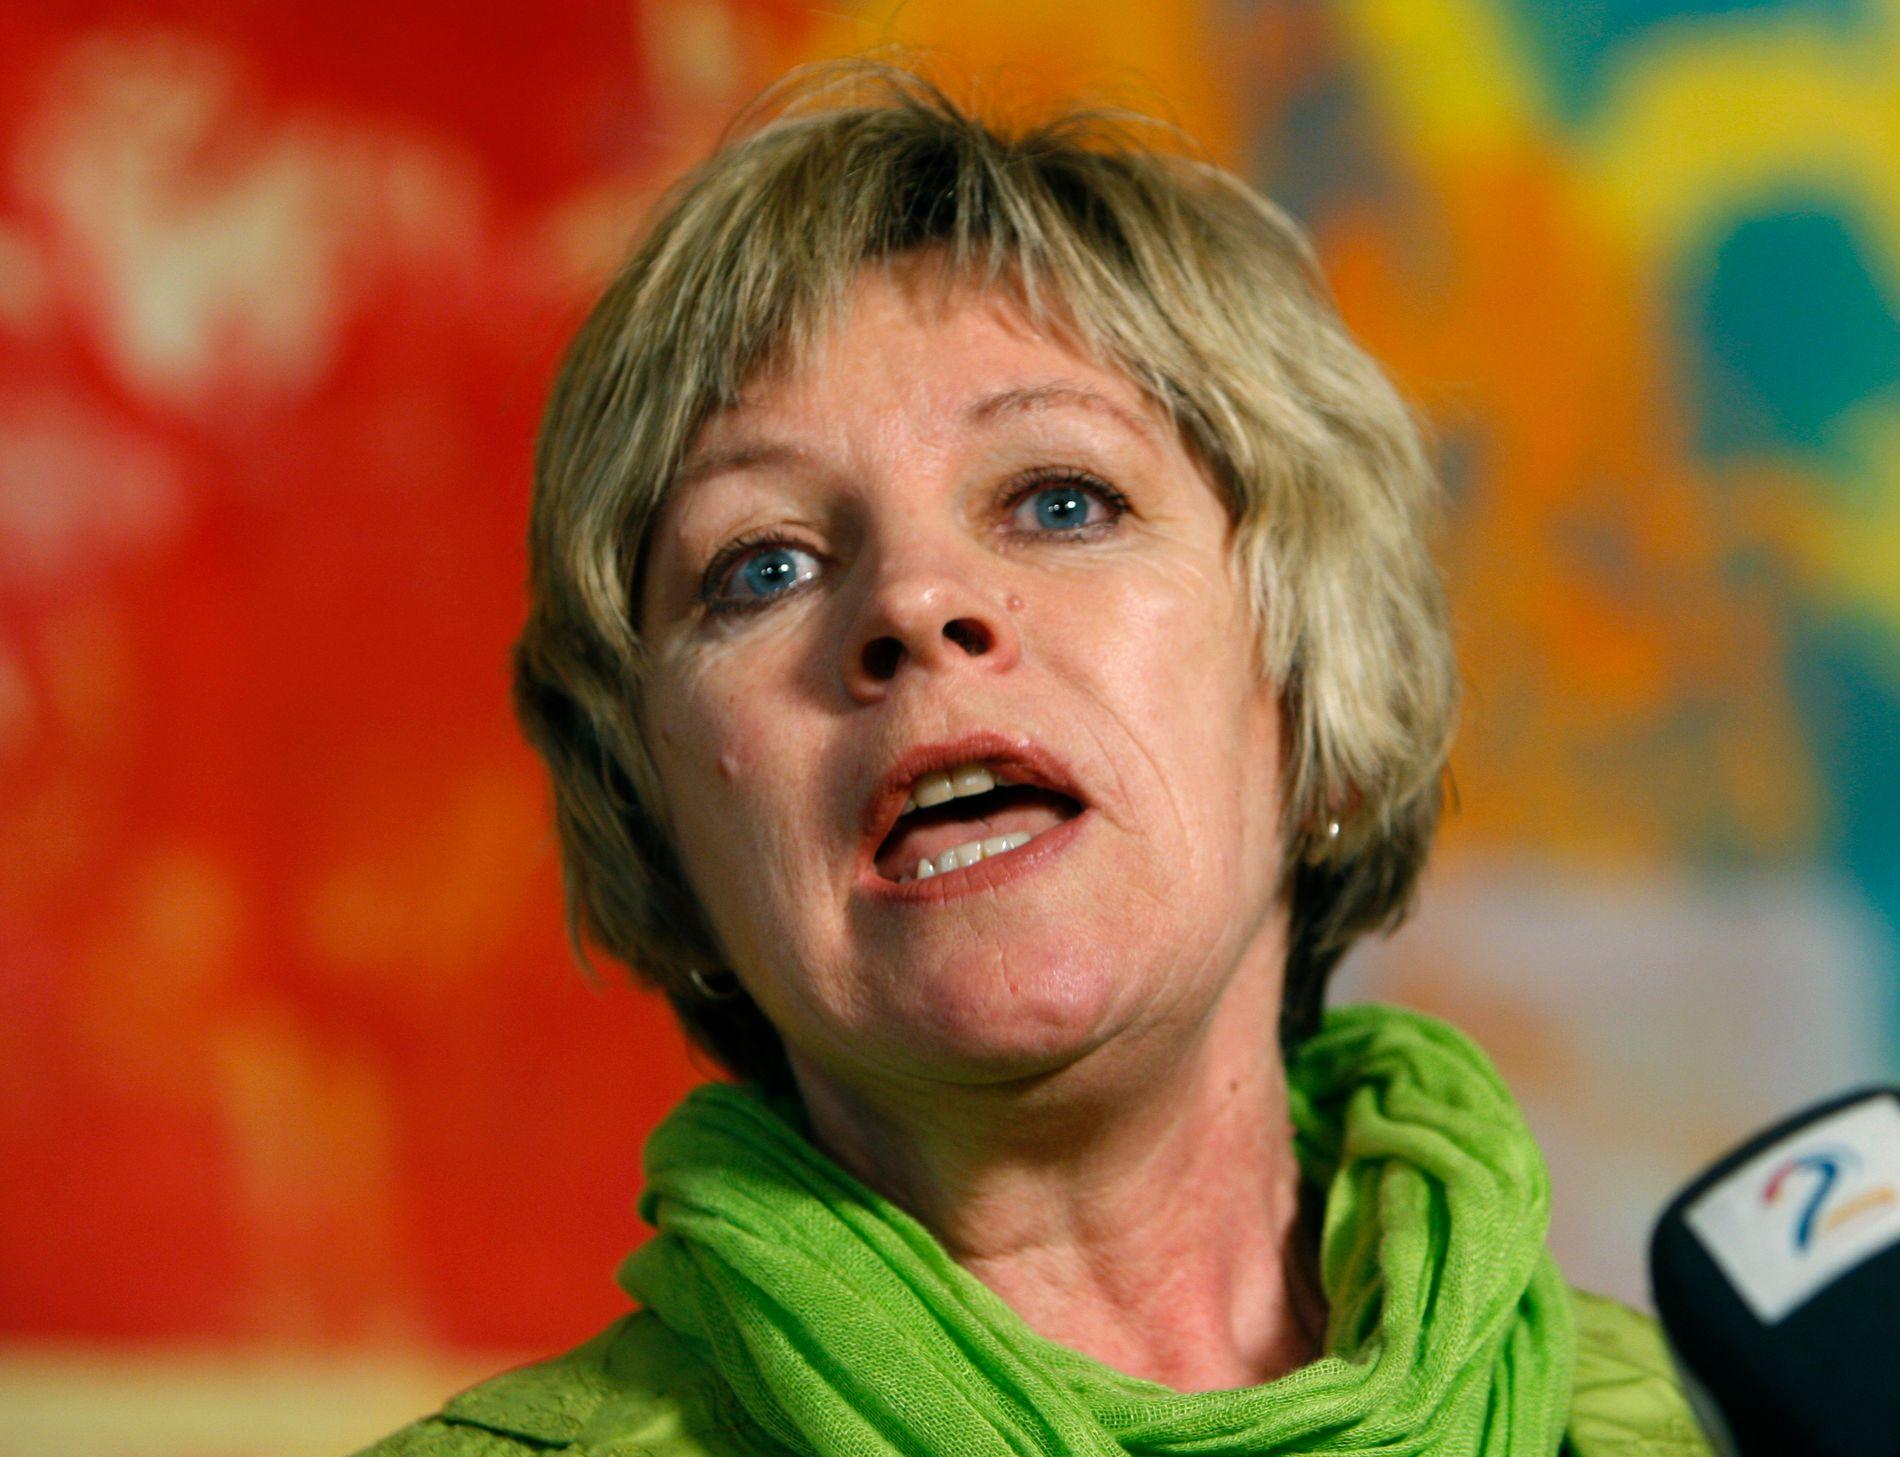 GIKK FORAN: Tidligere statsråd og likestillingspioner Grete Berget er død, 63 år gammel.